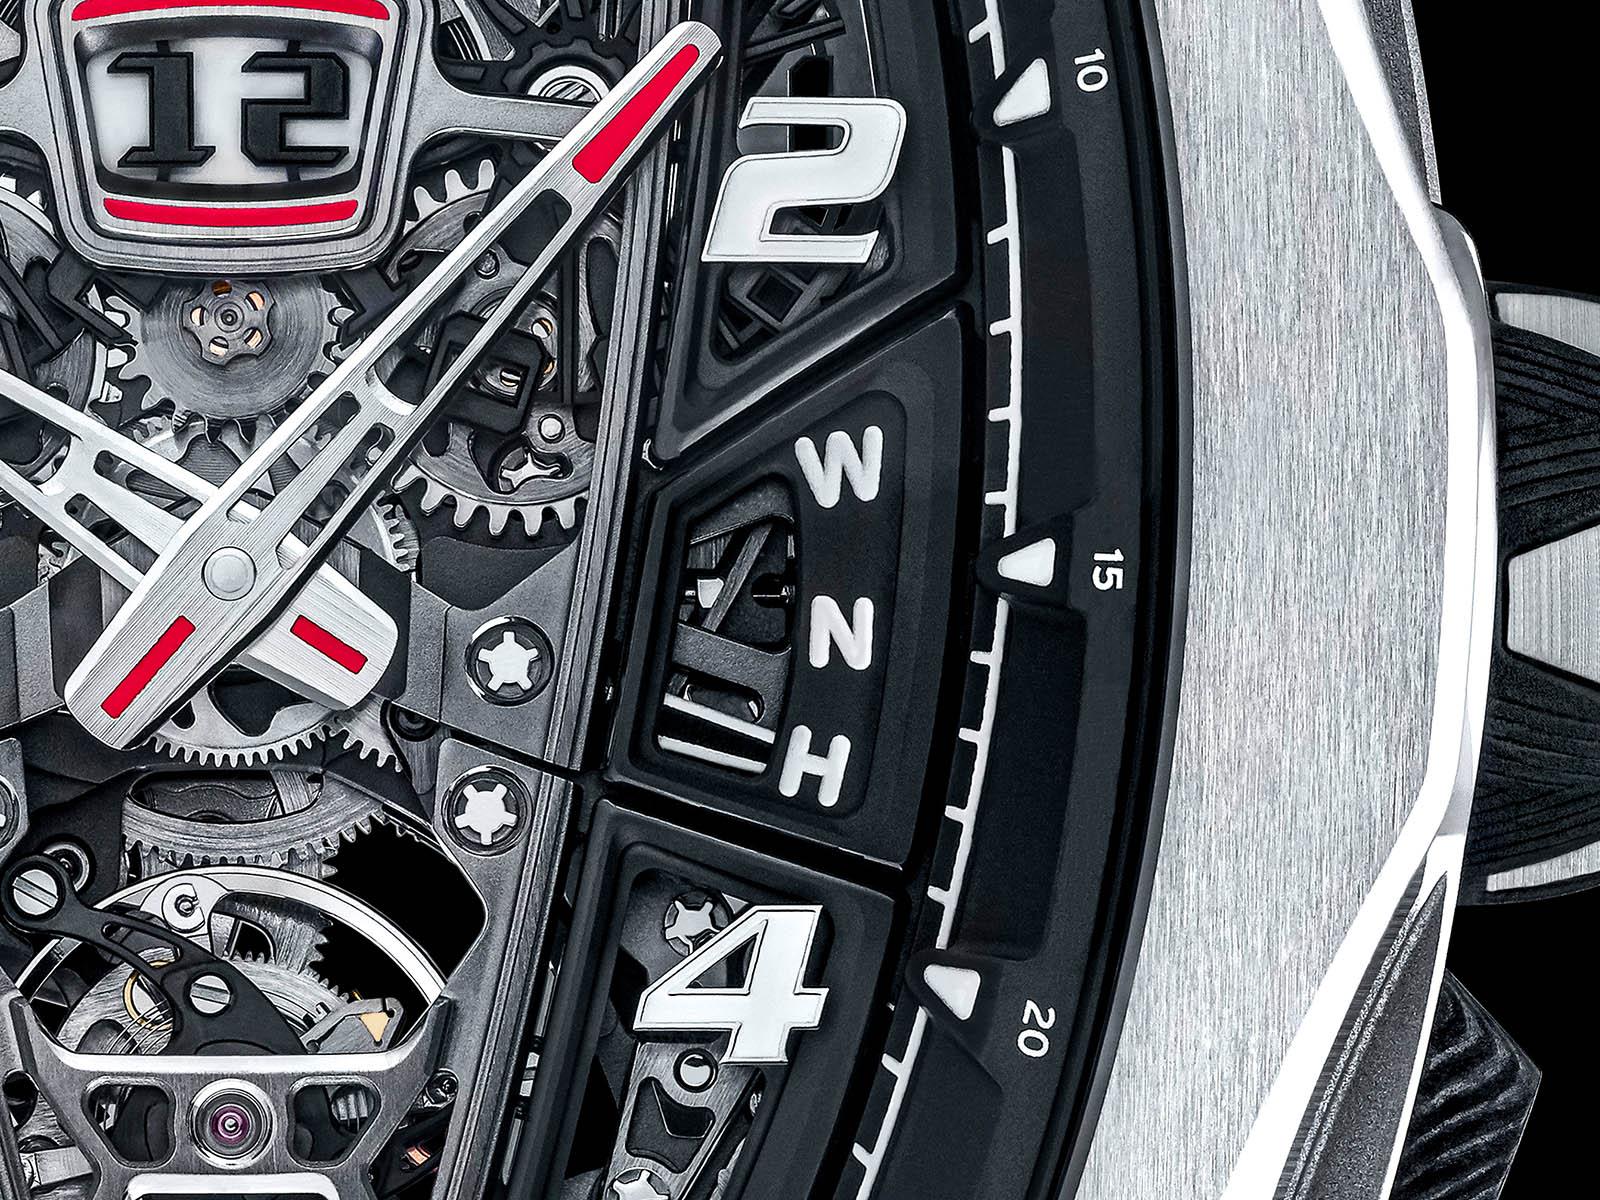 richard-mille-40-01-automatic-tourbillon-mclaren-speedtail-7.jpg